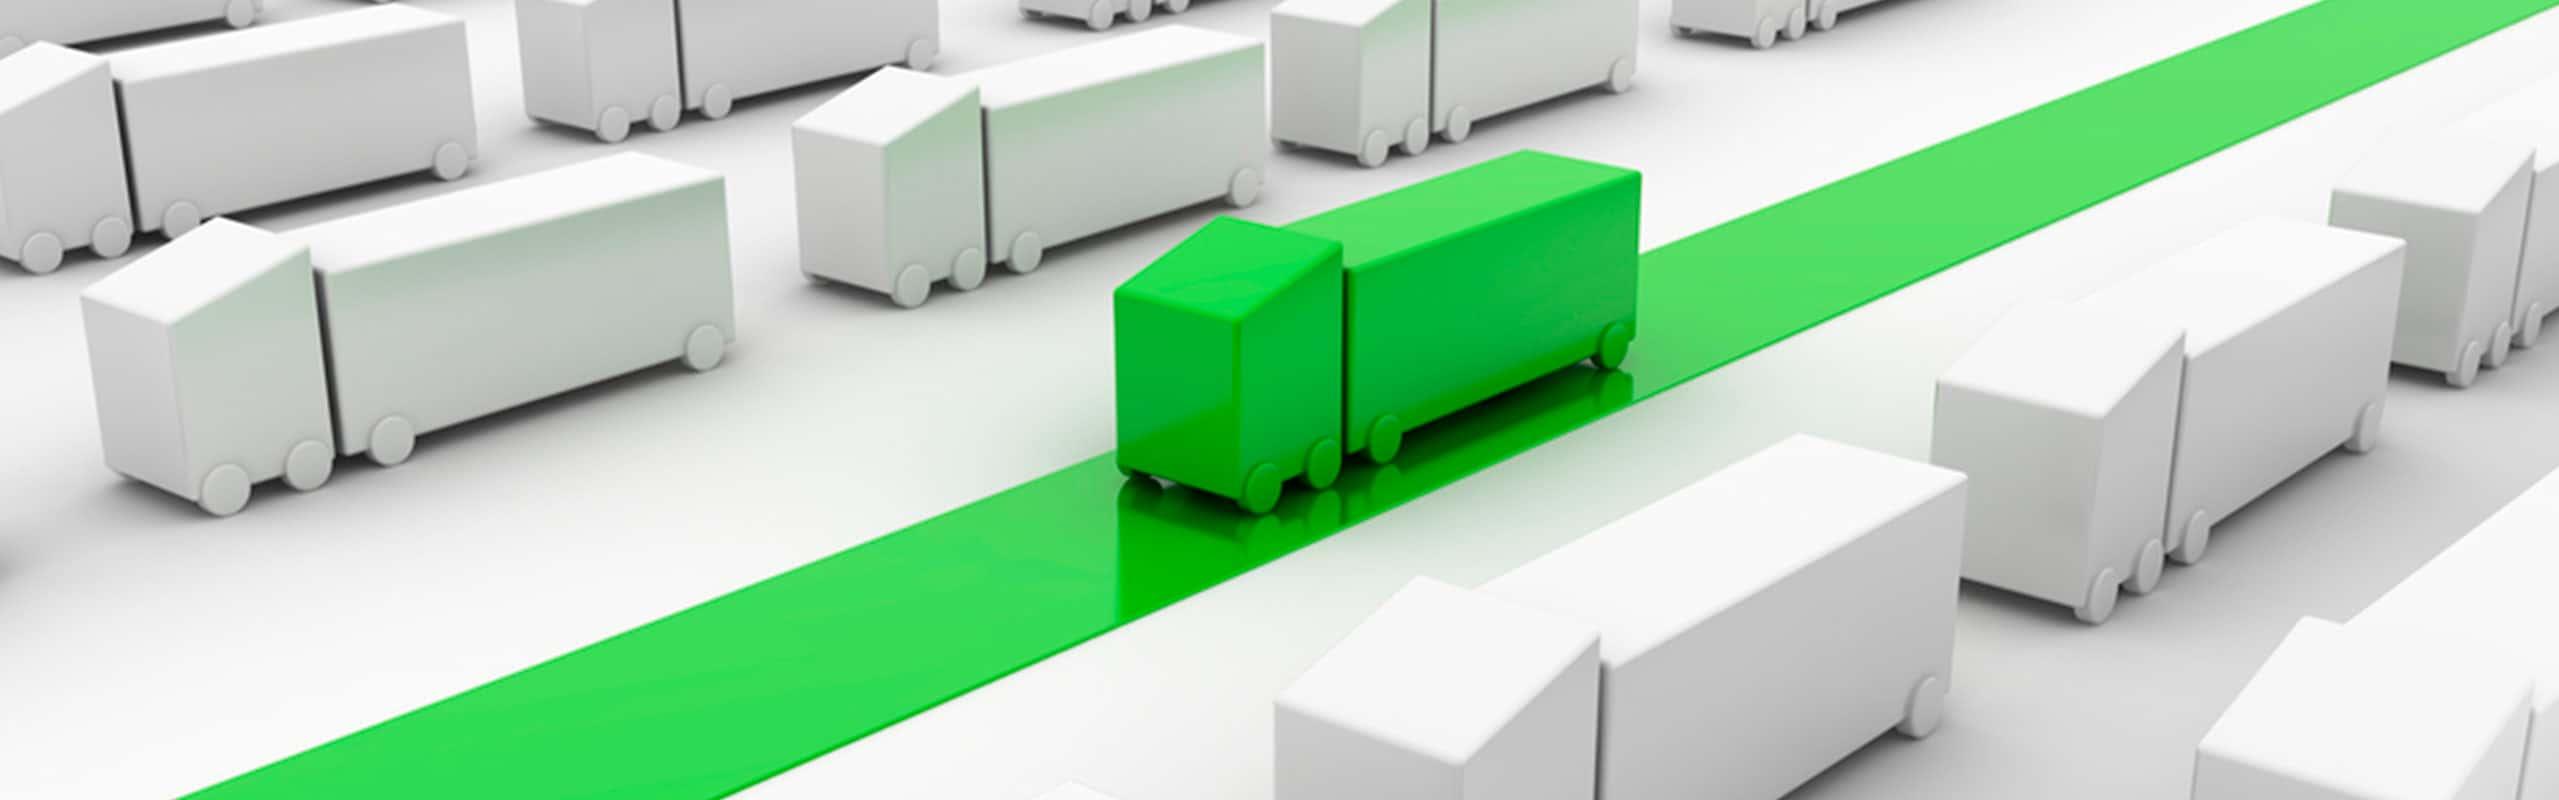 Descubre los beneficios de la logístico verde